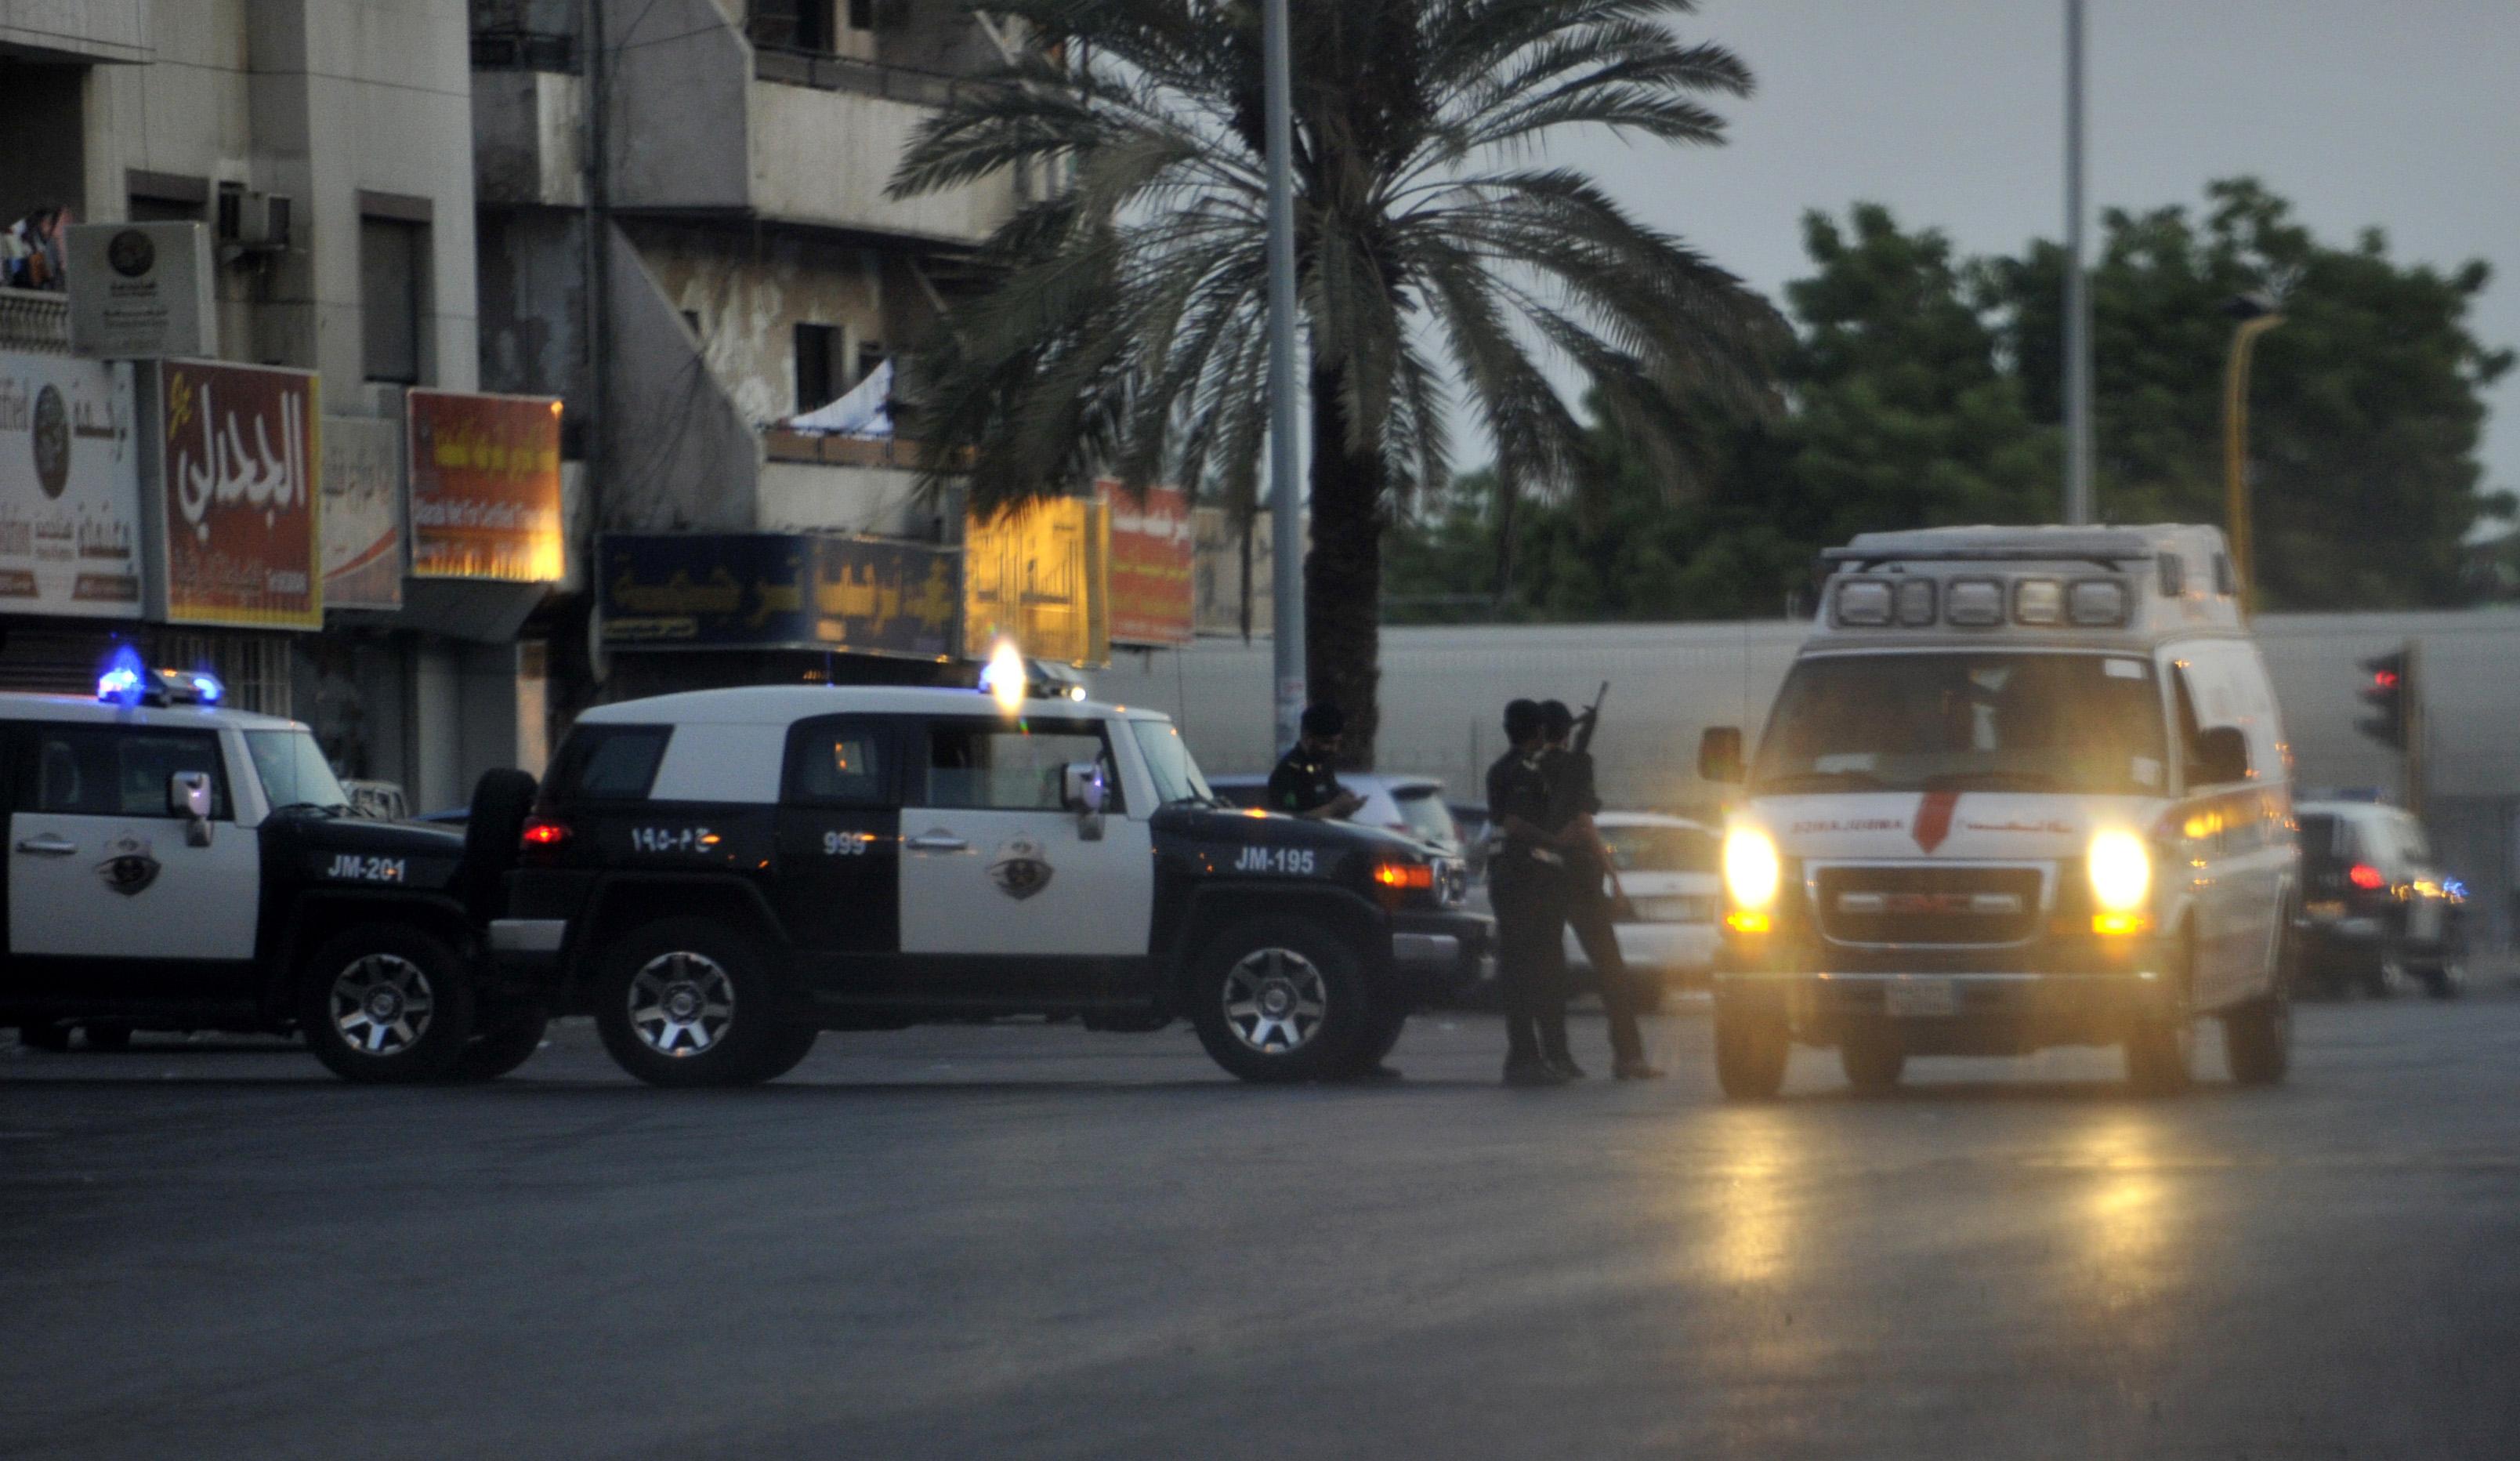 الأمن السعودي يطوق مكان التفجير بمدينة جدة